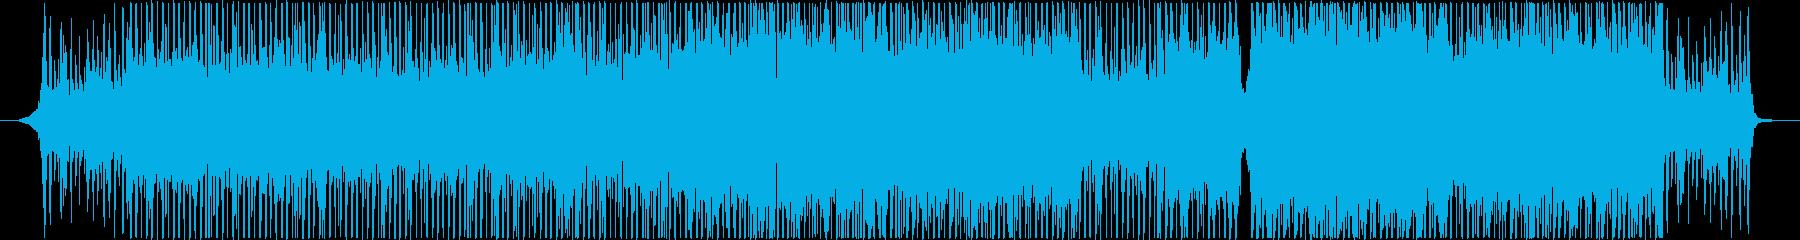 希望・明るい・リズミカル_テンポのいい曲の再生済みの波形